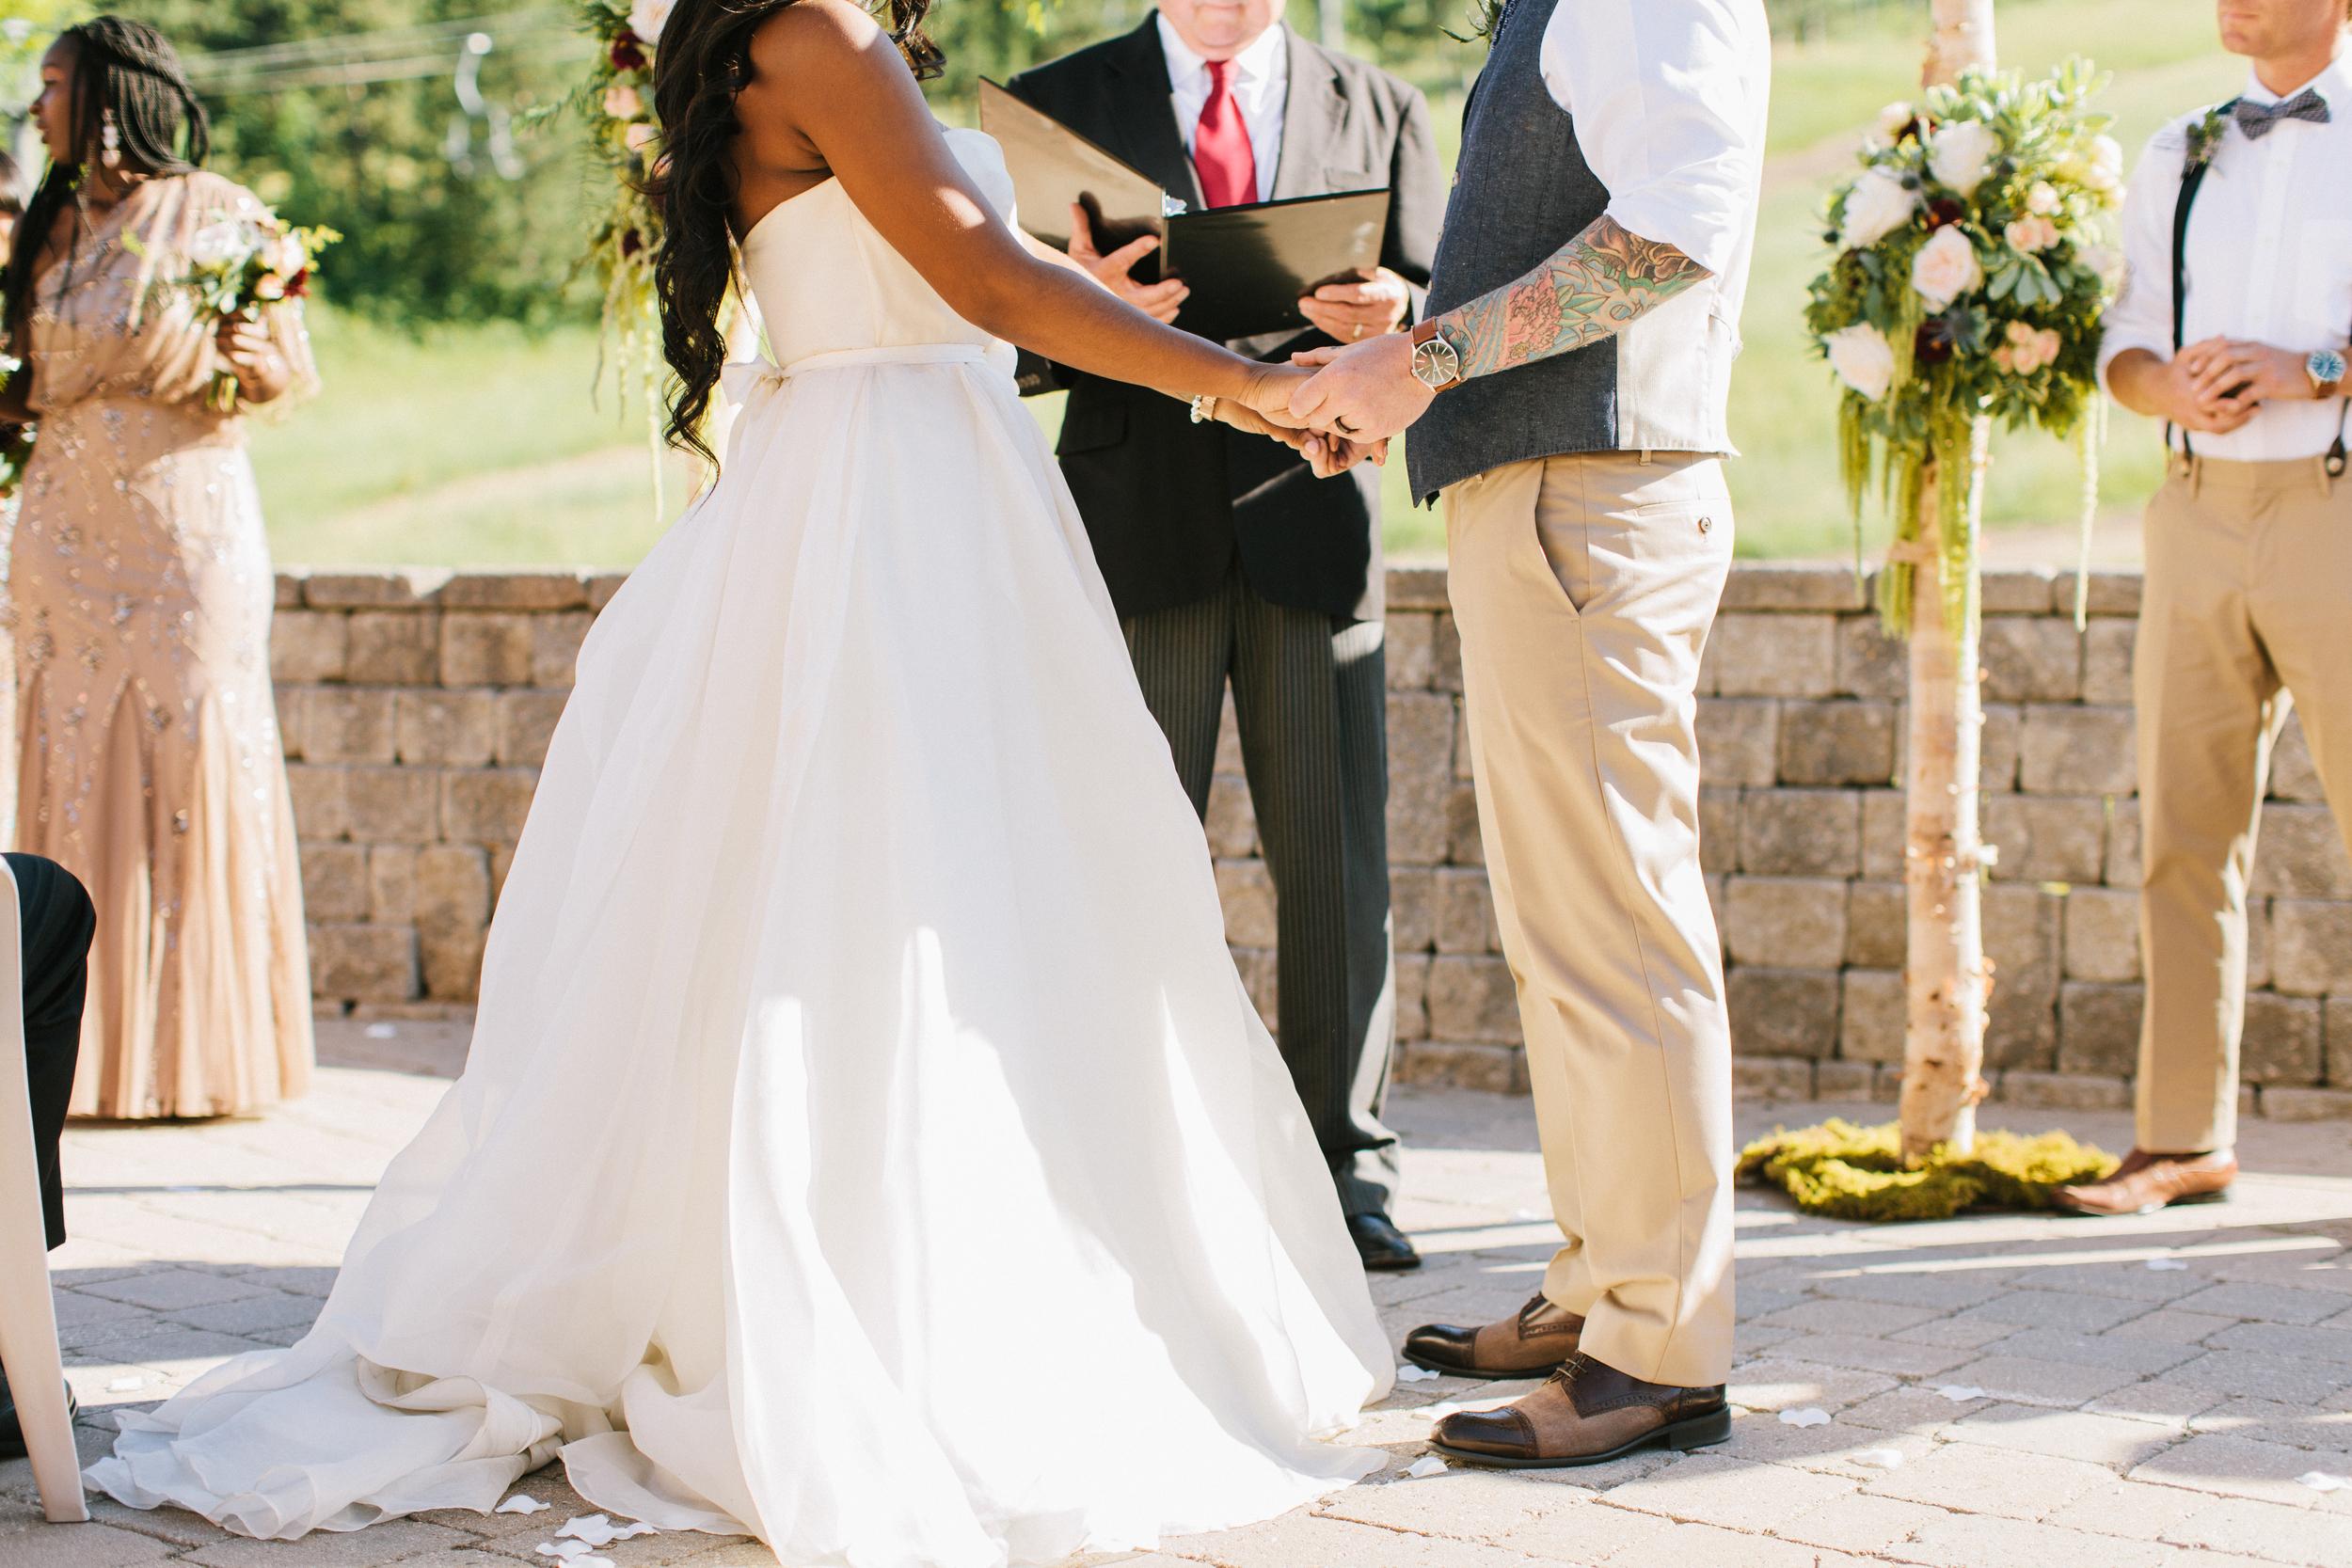 michael-rousseau-photography-shannae-ingleton-wedding-sean-craigleith-ski-club-wedding048.jpg